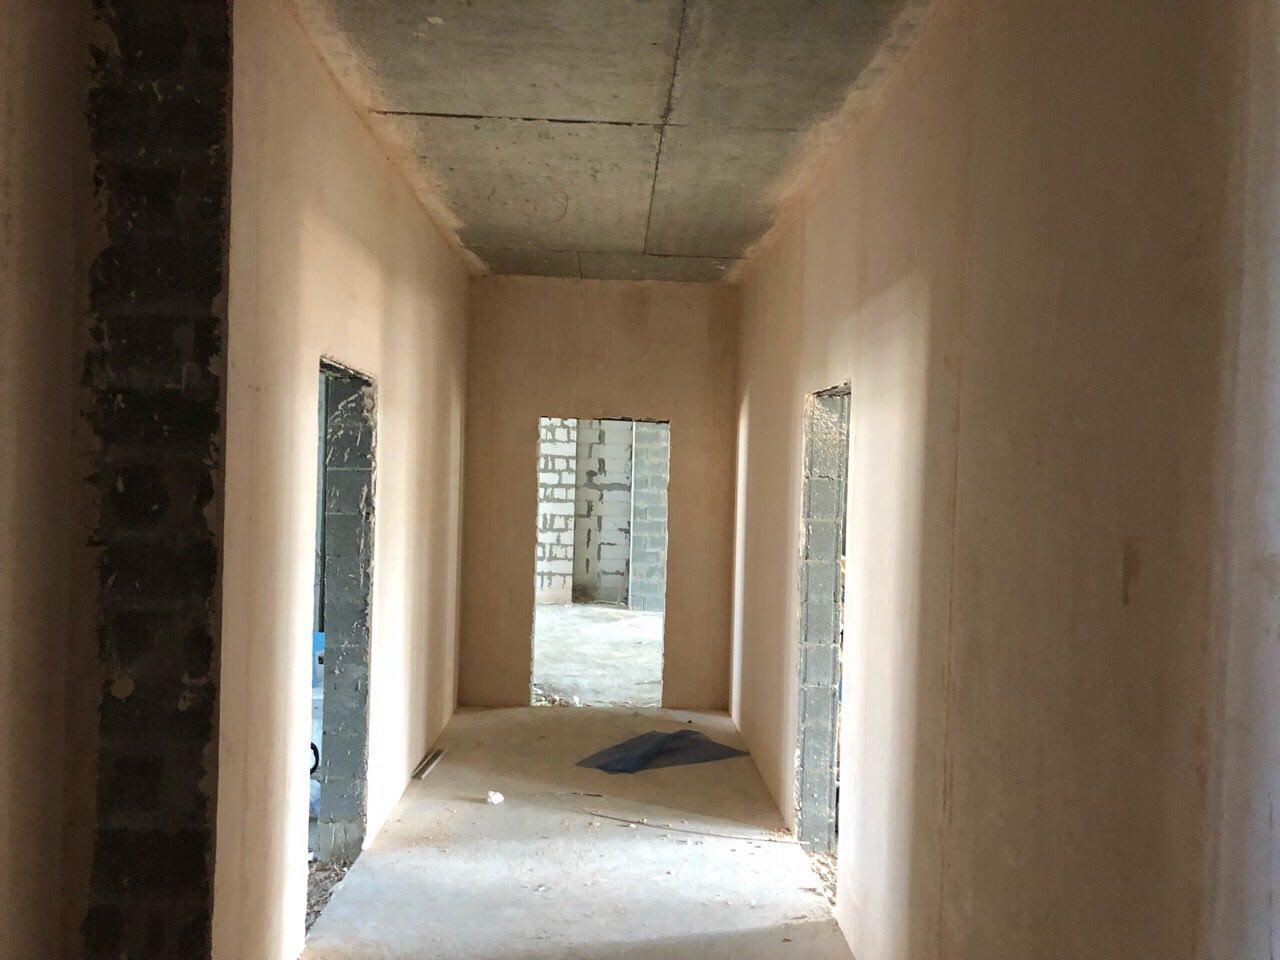 В 5 секции штукатурим стены на этажах и готовим холлы к чистовой отделке